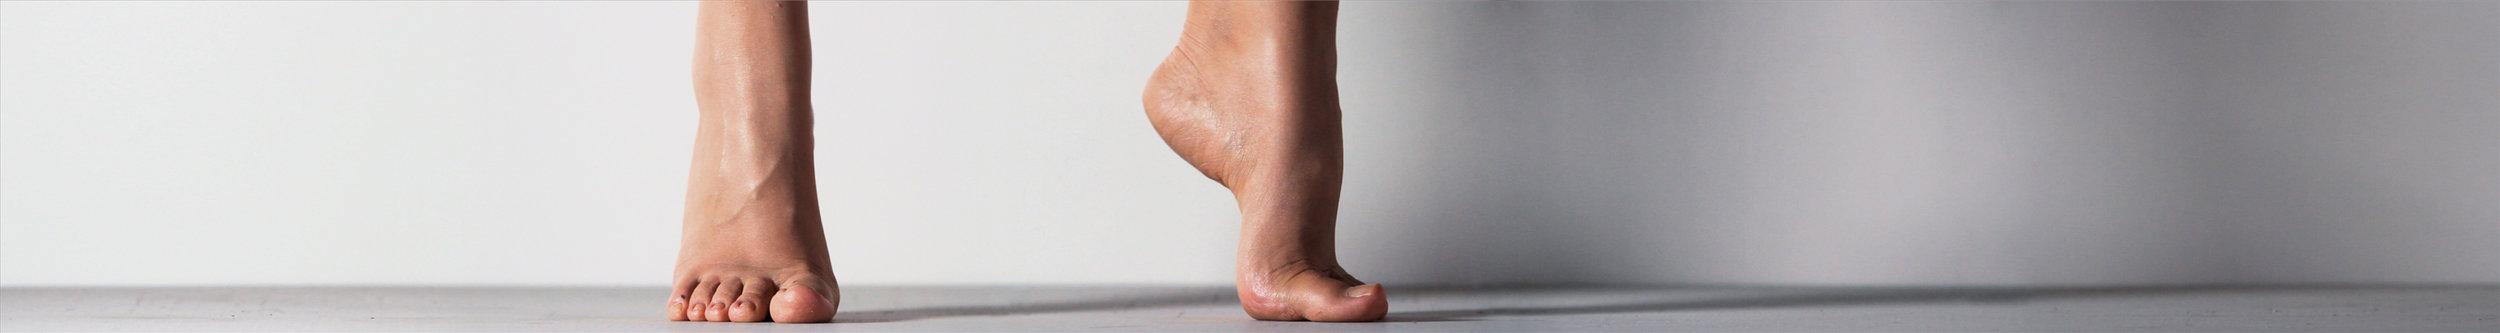 Sanchez, Casilda_Quisiera_feet_01.jpg